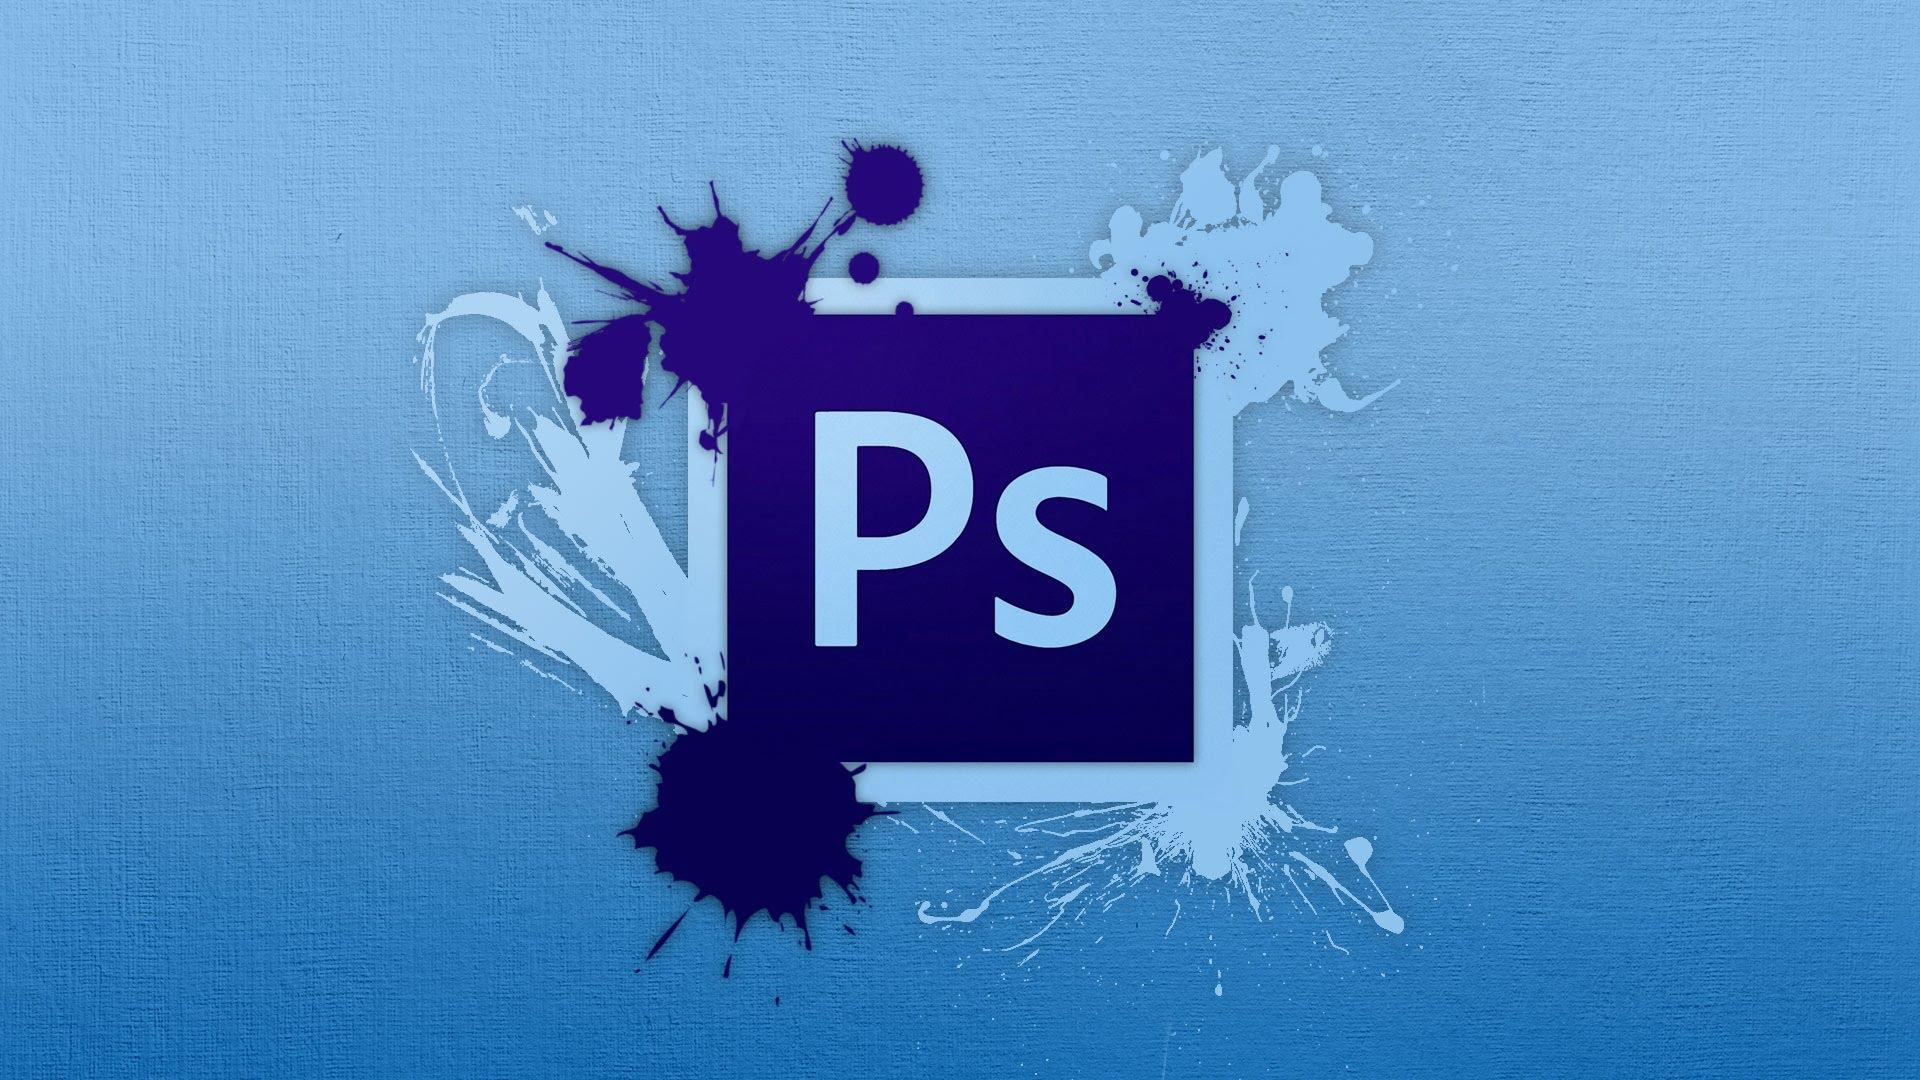 Photoshop trên iPad photoshop trên ipad - Phiên bản đầy đủ của ứng dụng Photoshop trên iPad sắp ra mắt